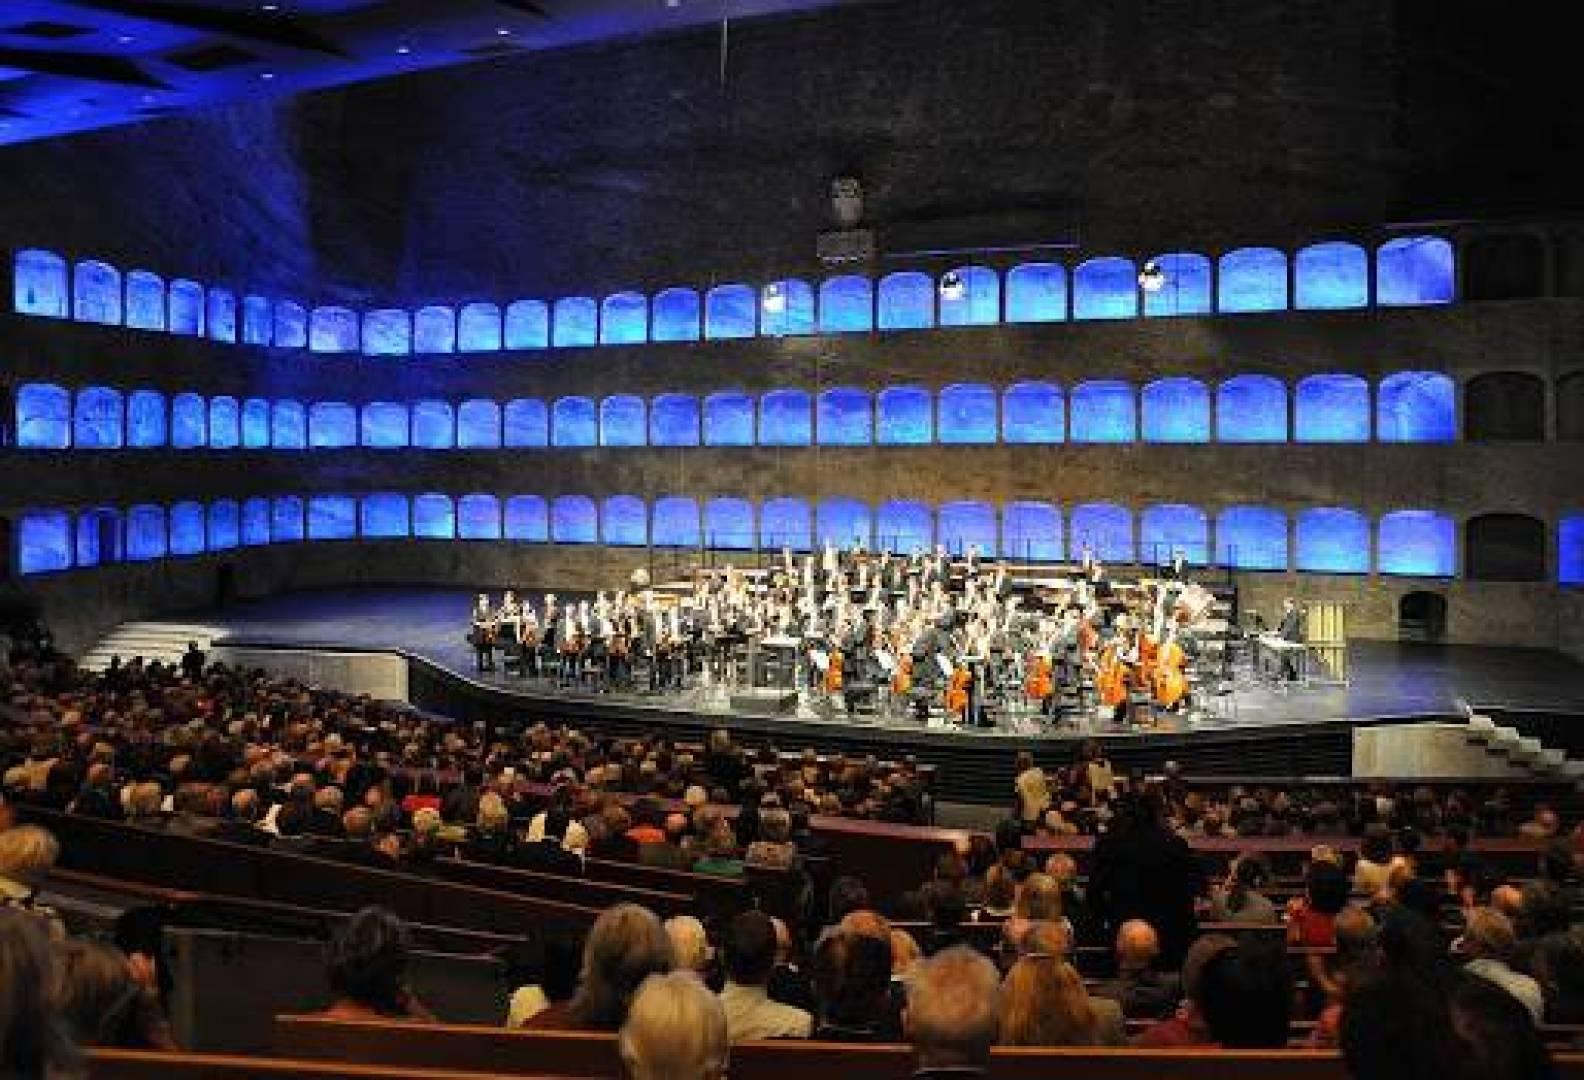 إدارة مهرجان سالزبورغ في النمسا ترفض تأجيله وتفرض إجراءات وقائية إضافية